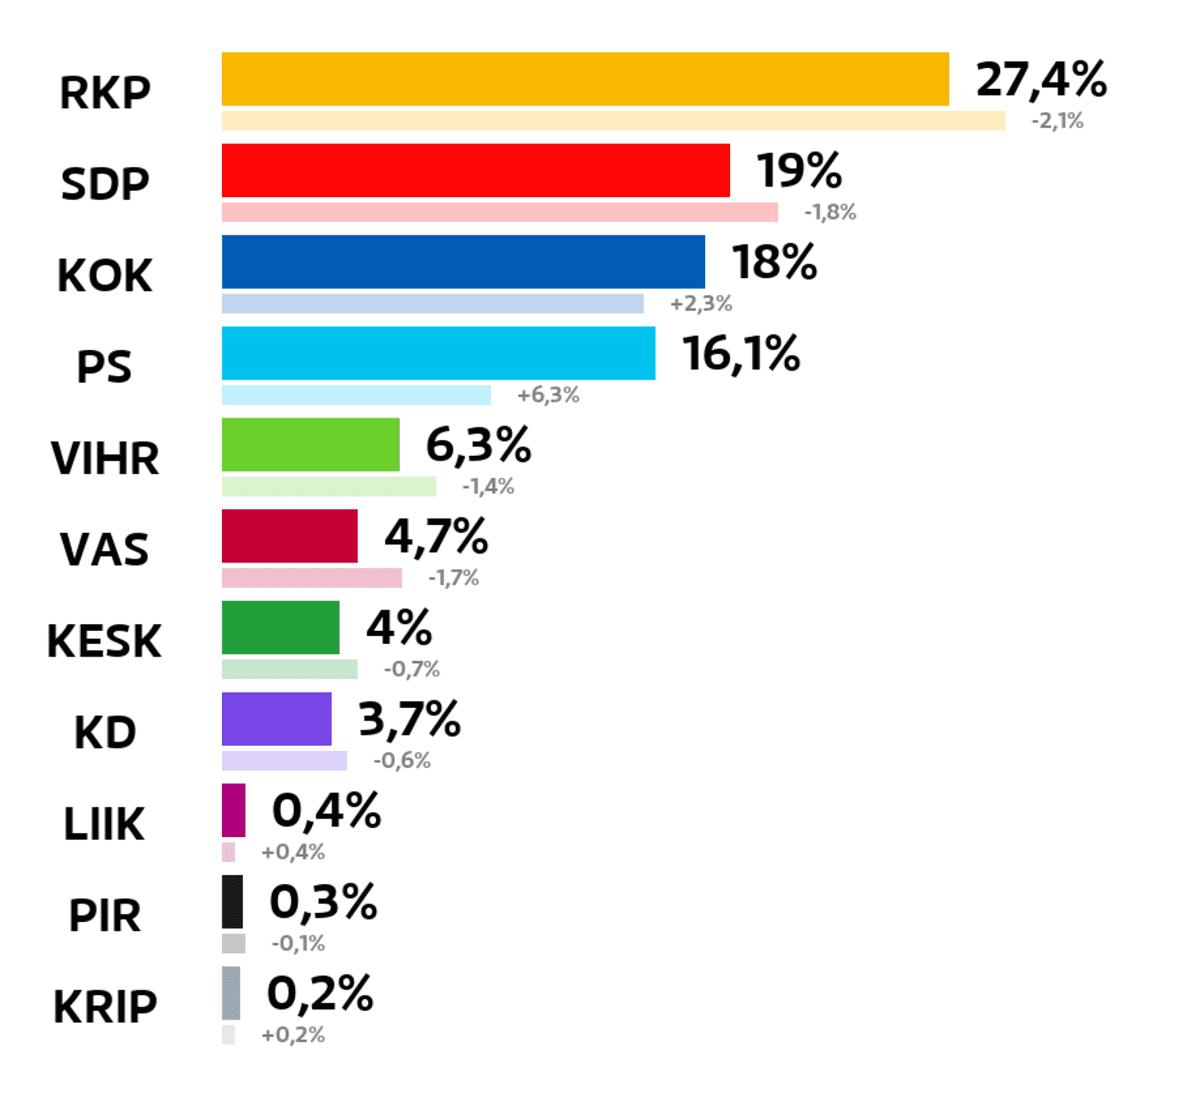 Vaasa: Kuntavaalien tulos (%) RKP: 27,4 prosenttia SDP: 19 prosenttia Kokoomus: 18 prosenttia Perussuomalaiset: 16,1 prosenttia Vihreät: 6,3 prosenttia Vasemmistoliitto: 4,7 prosenttia Keskusta: 4 prosenttia Kristillisdemokraatit: 3,7 prosenttia Liike Nyt: 0,4 prosenttia Piraattipuolue: 0,3 prosenttia Kristallipuolue: 0,2 prosenttia